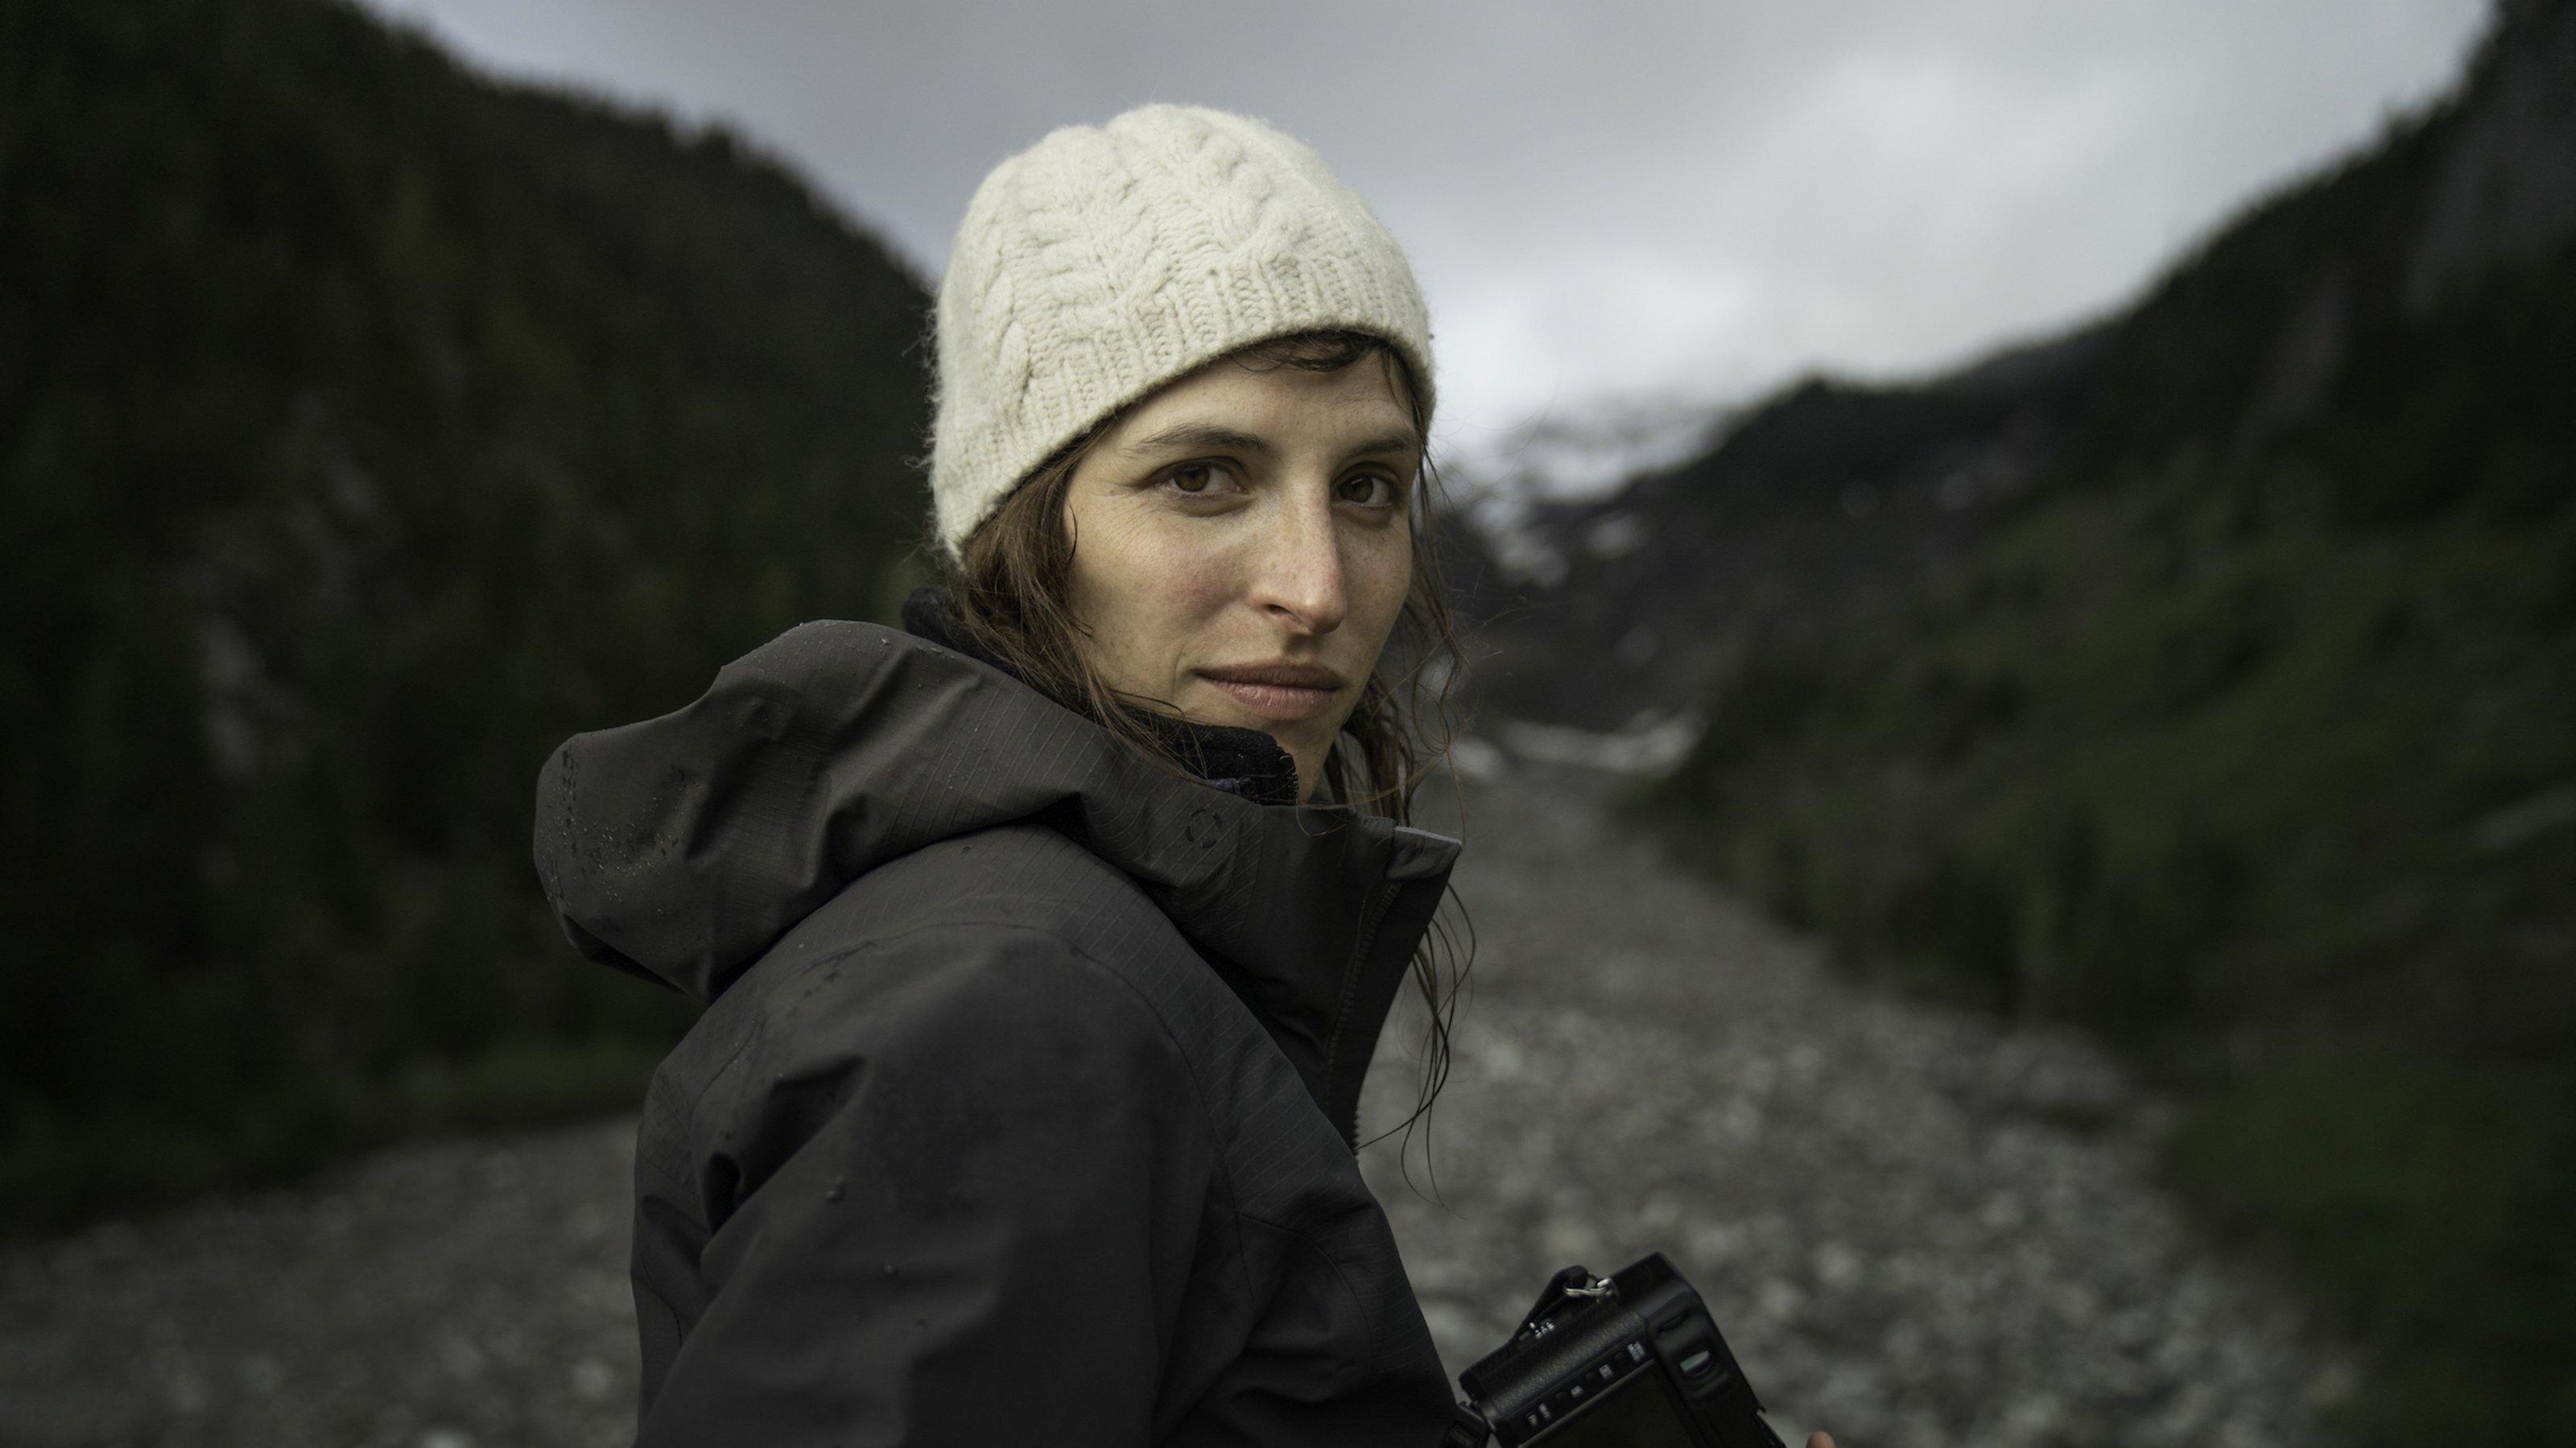 Die junge Frau ist dem Betrachter halb zugewandt, hat eine Kamera in der Hand und eine Wollmütze auf dem Kopf.